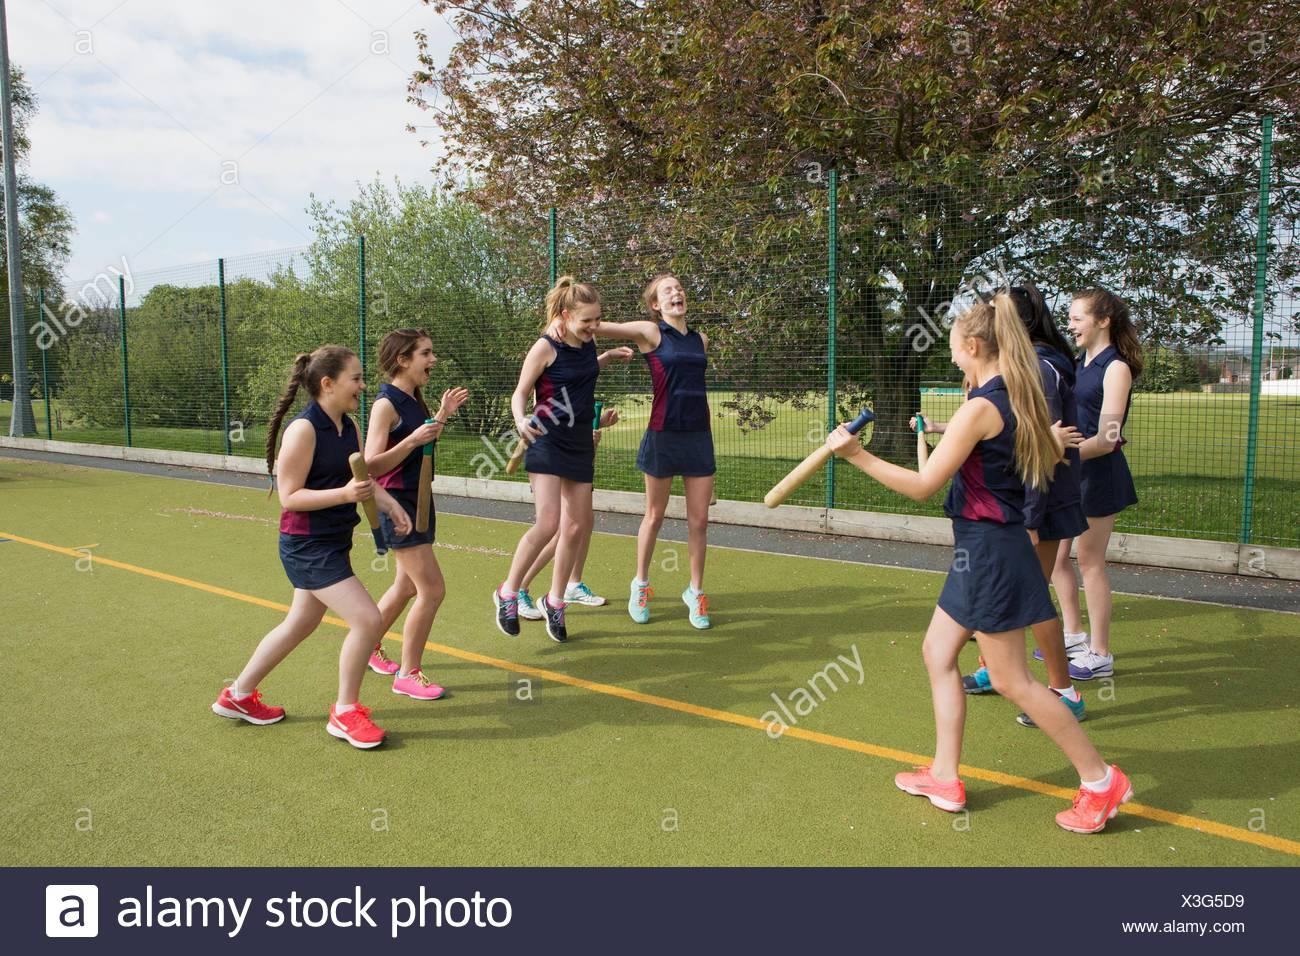 Gruppe von Mädchen am Sportplatz mit Rounders Fledermäuse Stockbild